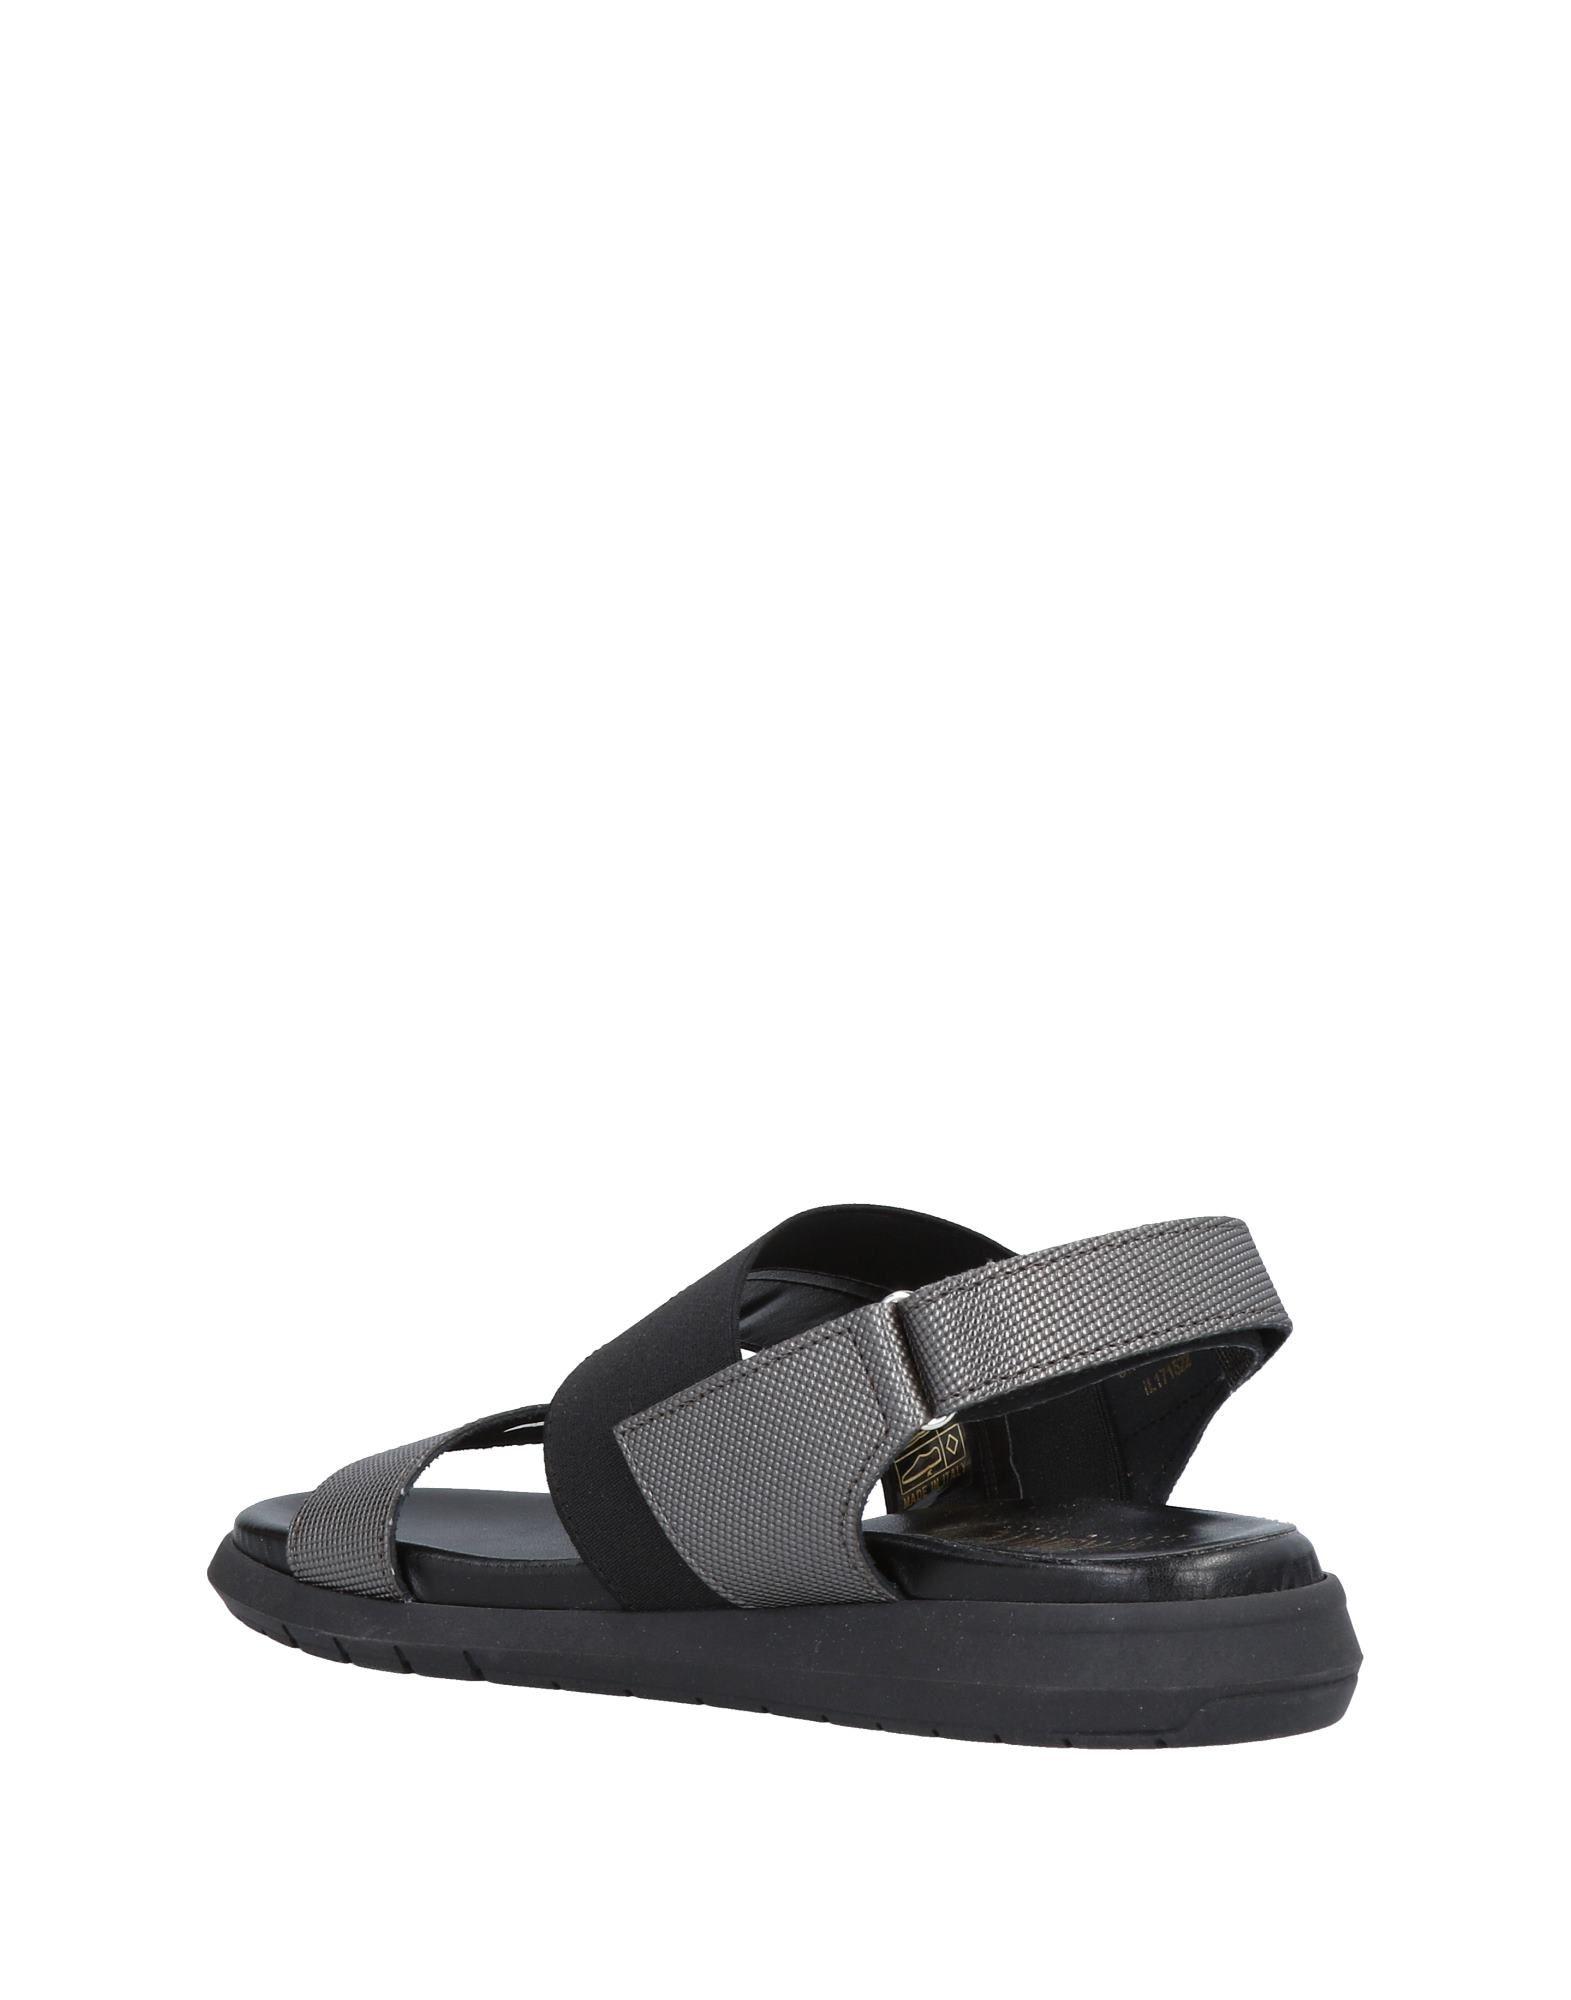 Impronte Sandalen Sandalen Impronte Damen  11473707HT Gute Qualität beliebte Schuhe 967bc1